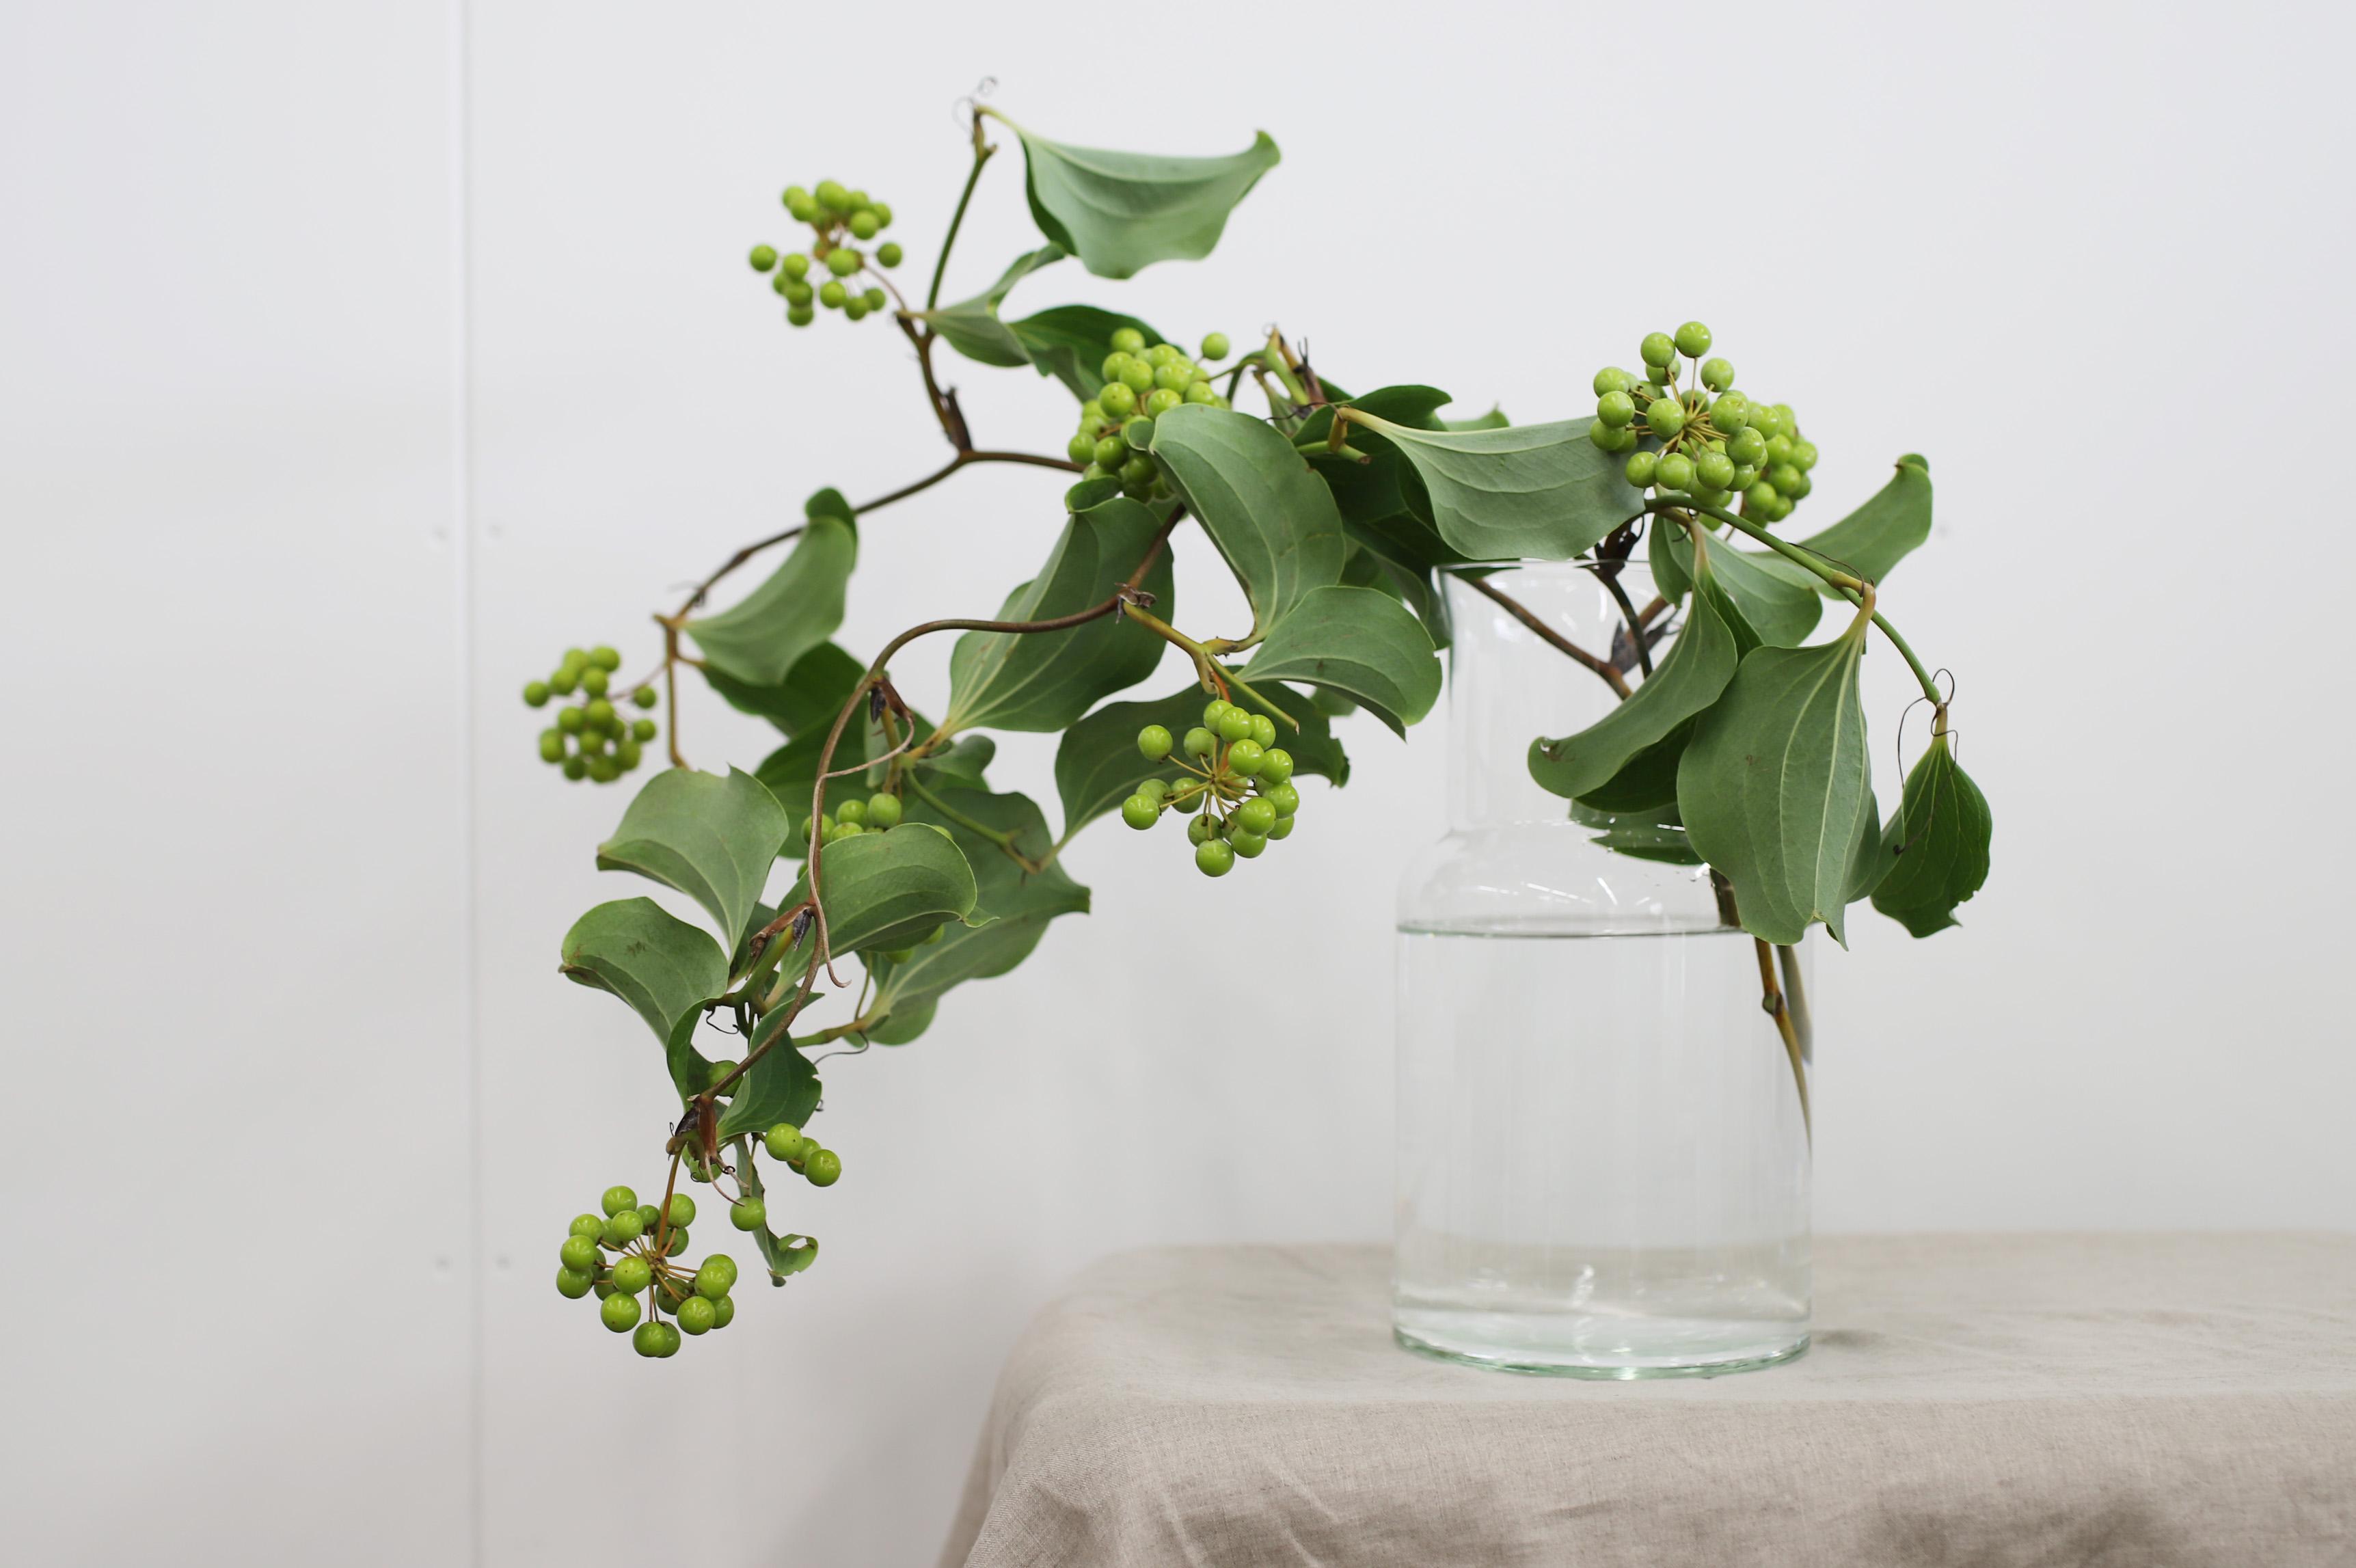 山に入った病人がこれを食べ、元気に回復して戻ってきたことから山帰来(サンキライ)という俗称がつきました。サンキライといえばクリスマスの赤い実のイメージがありますが、実は夏もおすすめ。つやっとした緑色の実が爽やかで、暑い夏に涼を運んでくれる植物の一つです。ツル性の植物なので自由に曲げることが出来るため、ぐるっとまるめてリースにすることも。